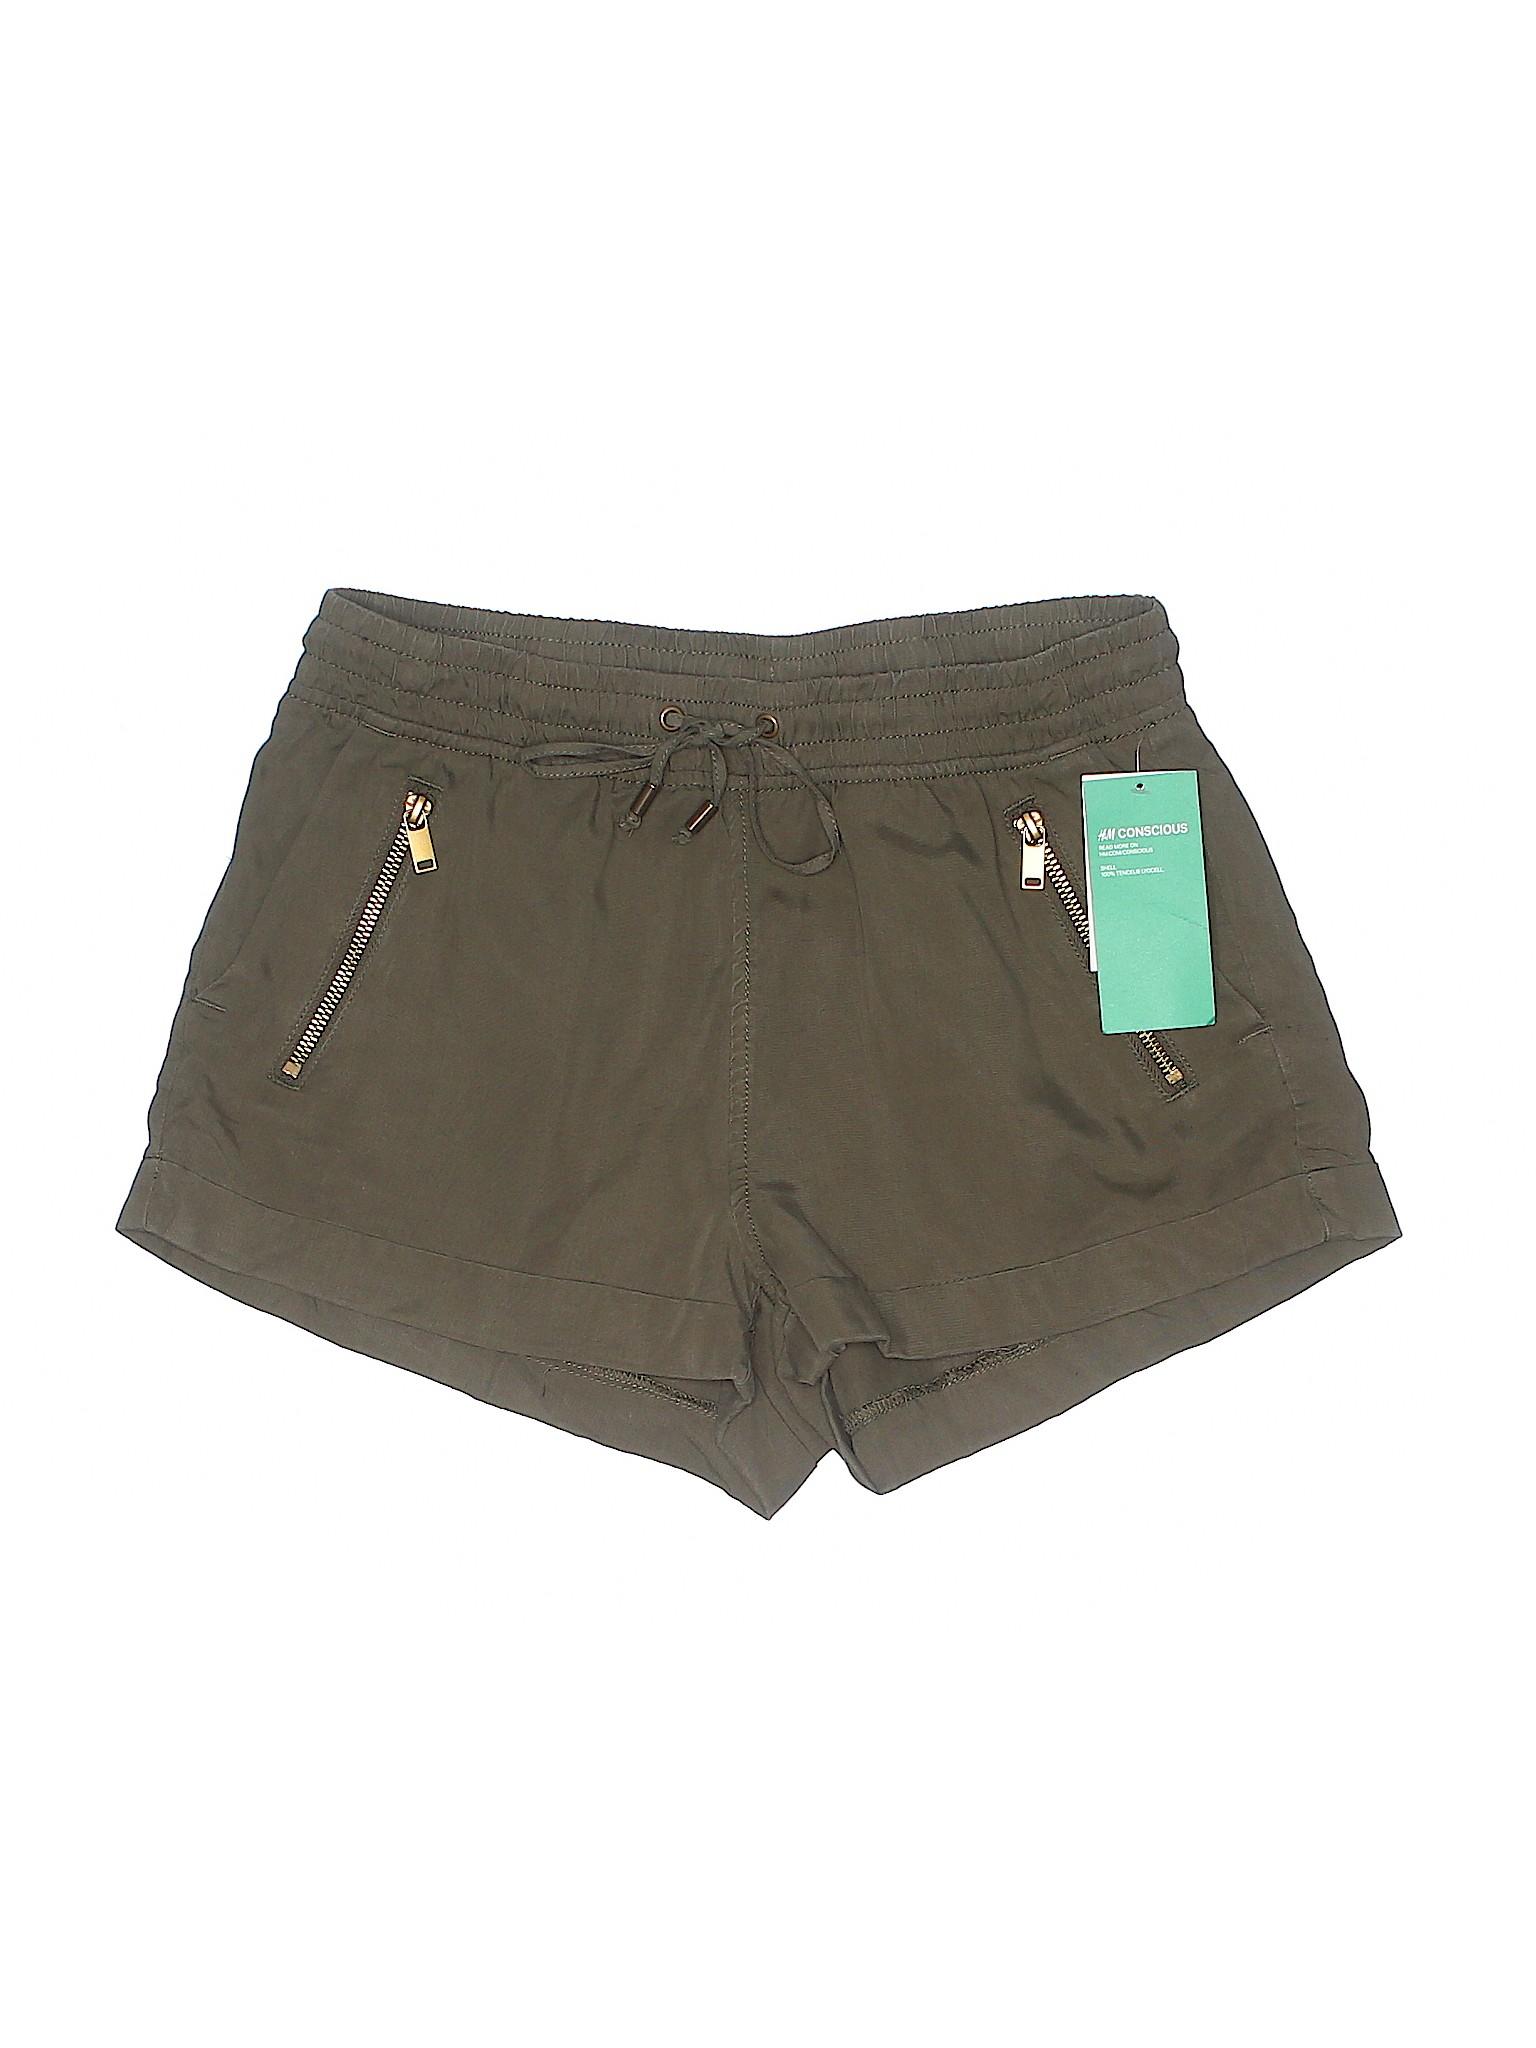 Boutique amp;M Boutique amp;M H Boutique Shorts H Shorts H q6E4Uwcrqx